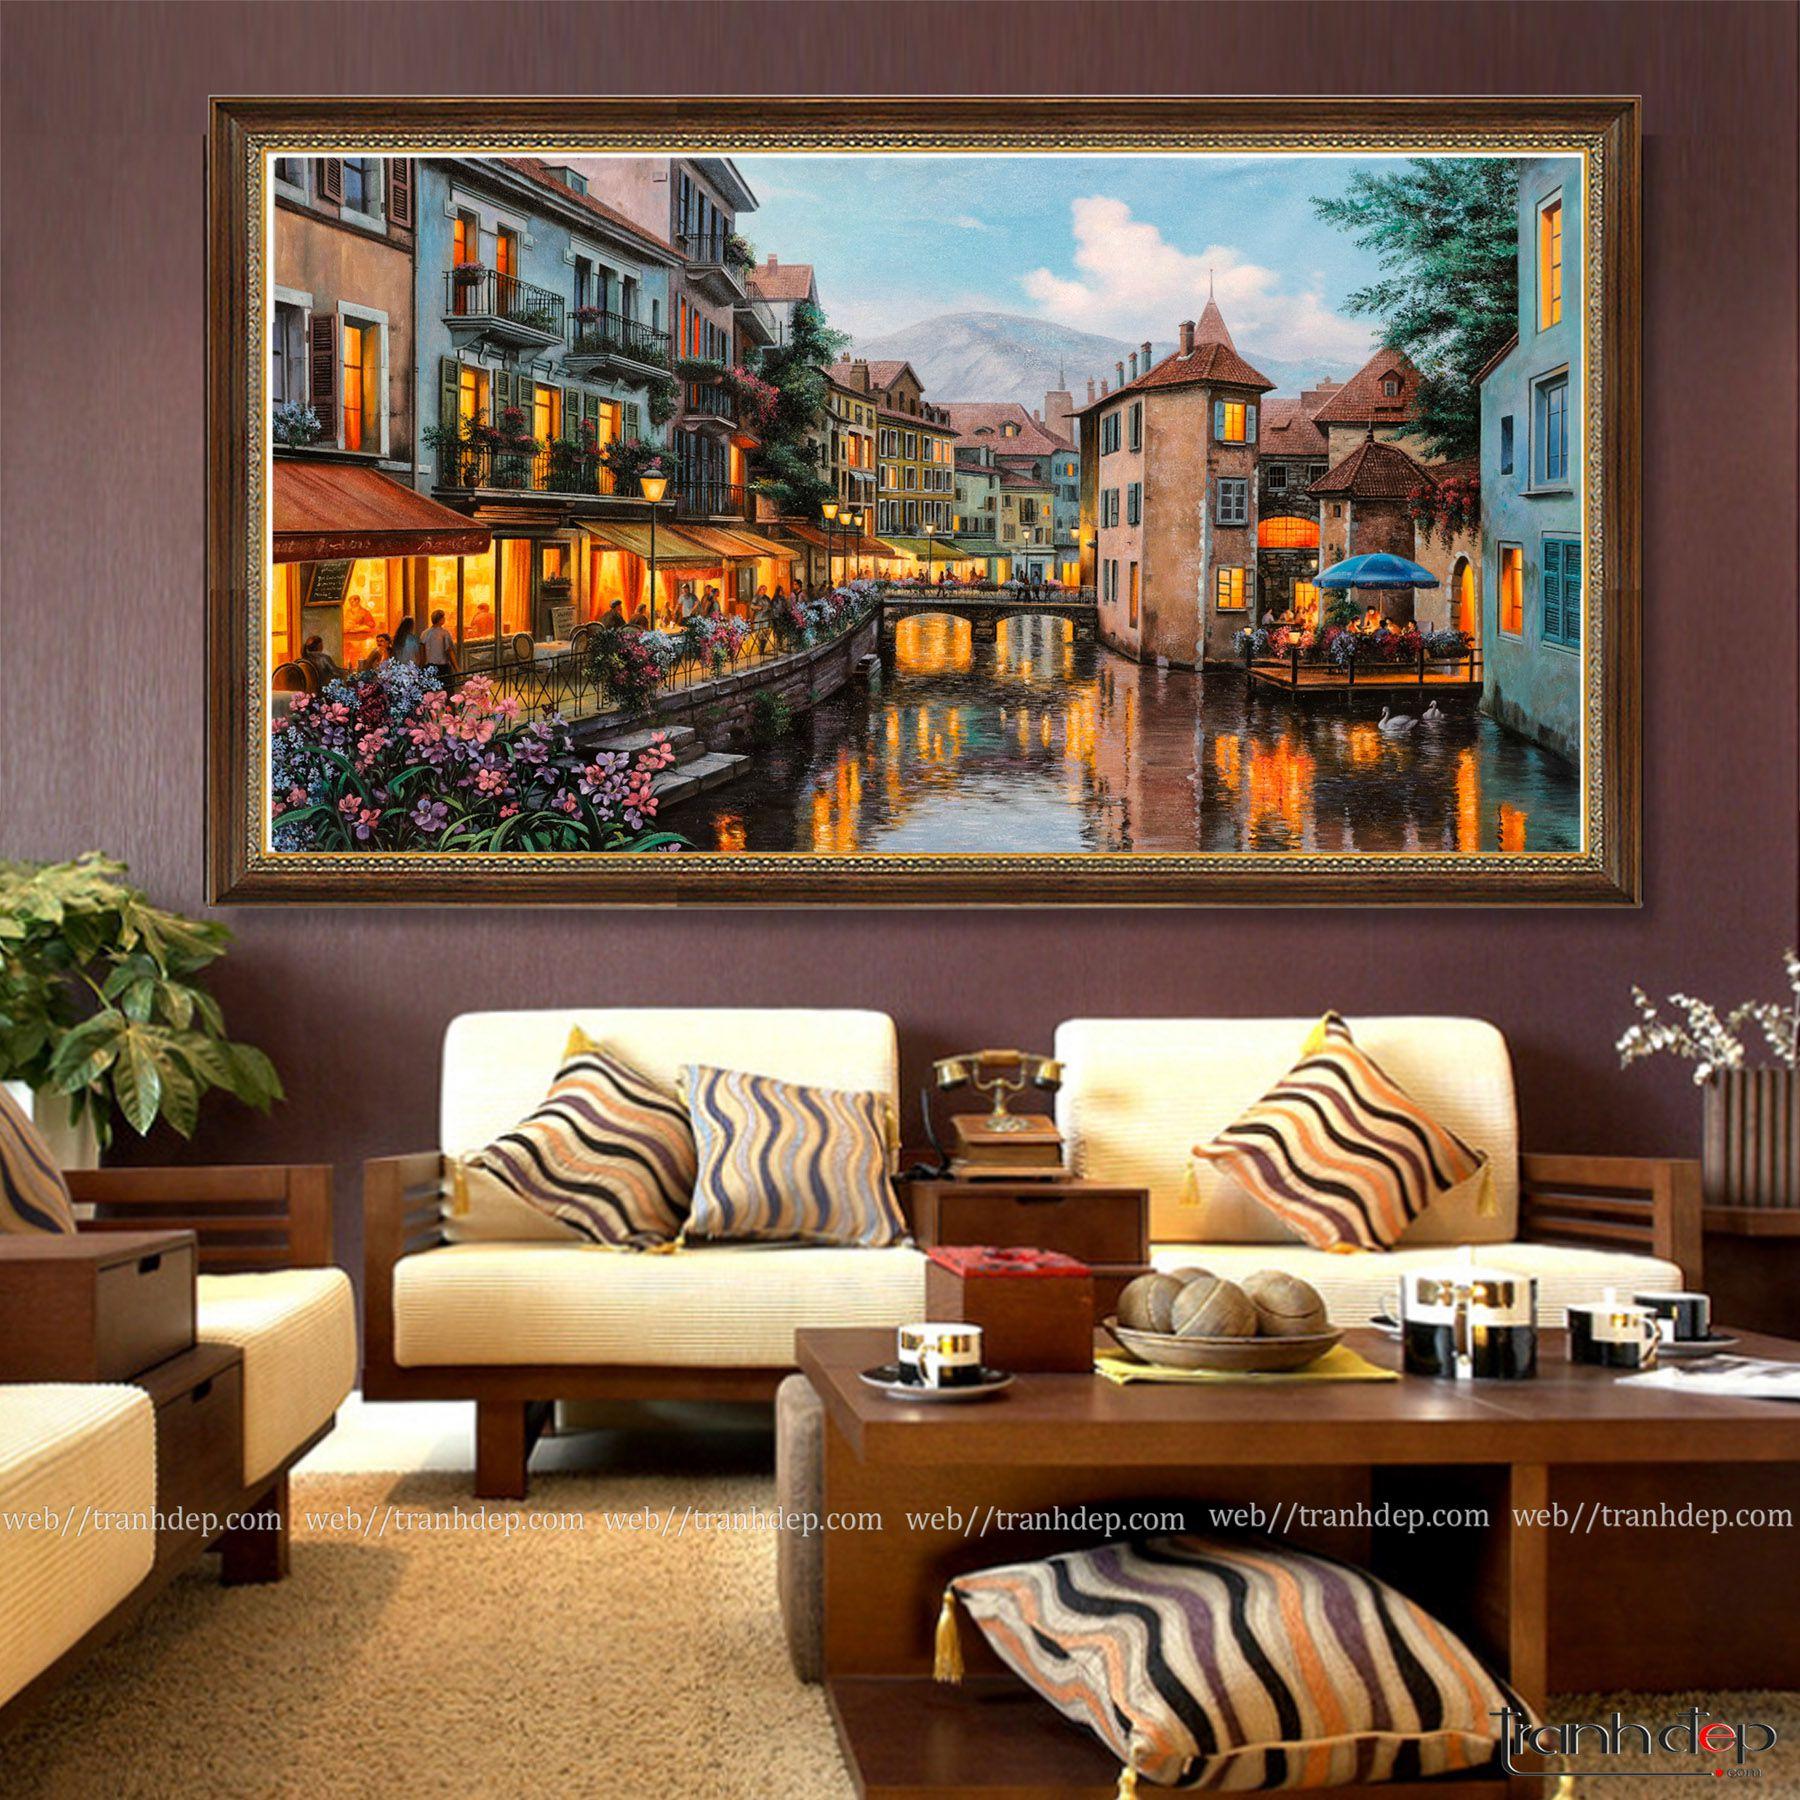 Tranh phong cảnh Châu Âu treo phòng khách